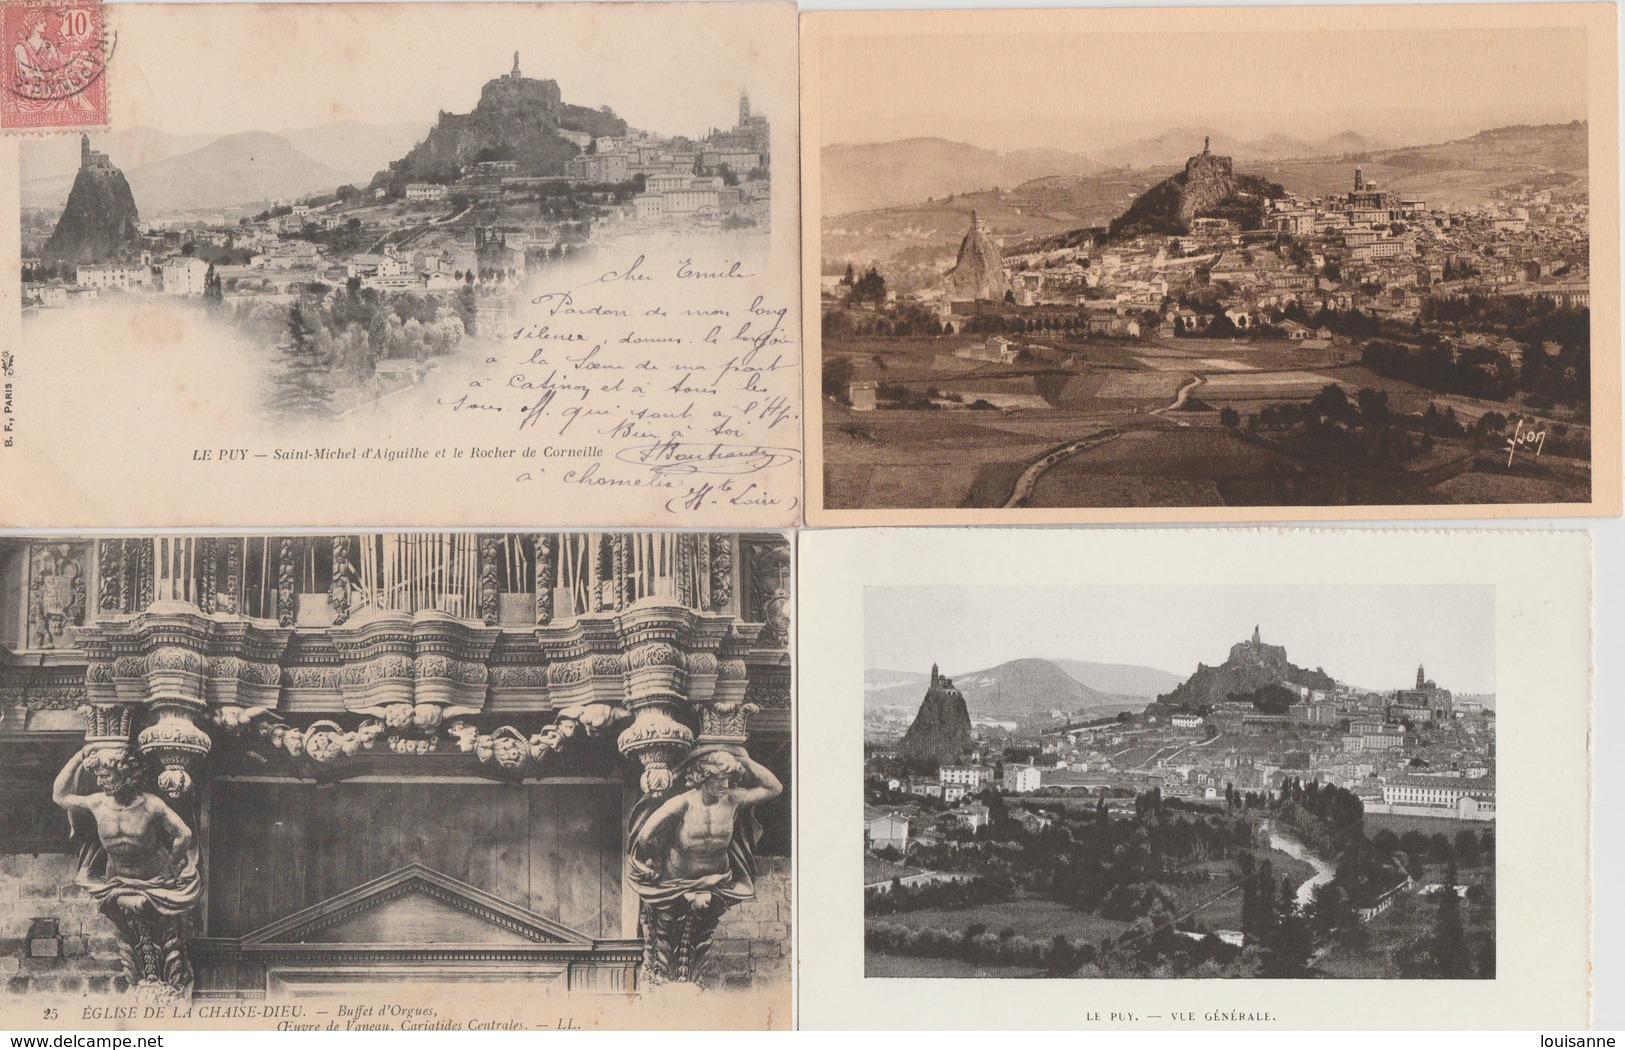 19 /2/ 107  -  500  CPA  /  CPSM   DU DEPT.  43  À  26€,50  +. PORT  8€,80  POUR  LA  FRANCE - Postcards